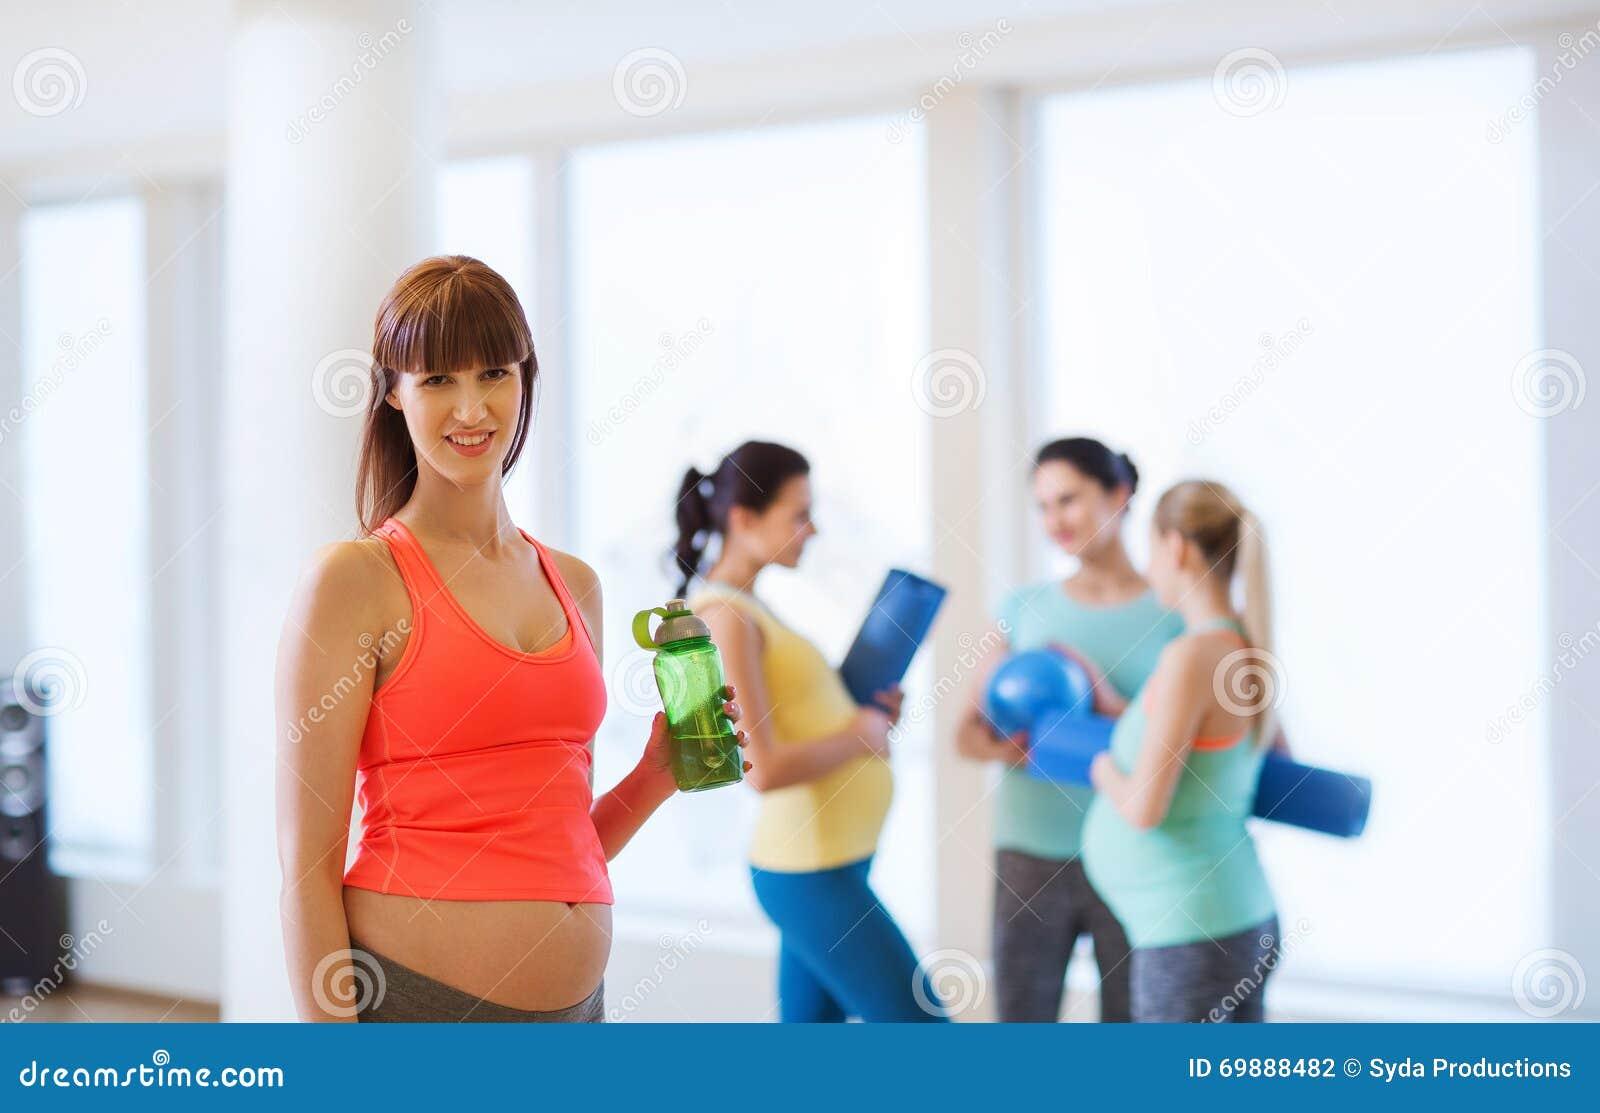 femme enceinte heureuse avec la bouteille d 39 eau dans le gymnase photo stock image du. Black Bedroom Furniture Sets. Home Design Ideas